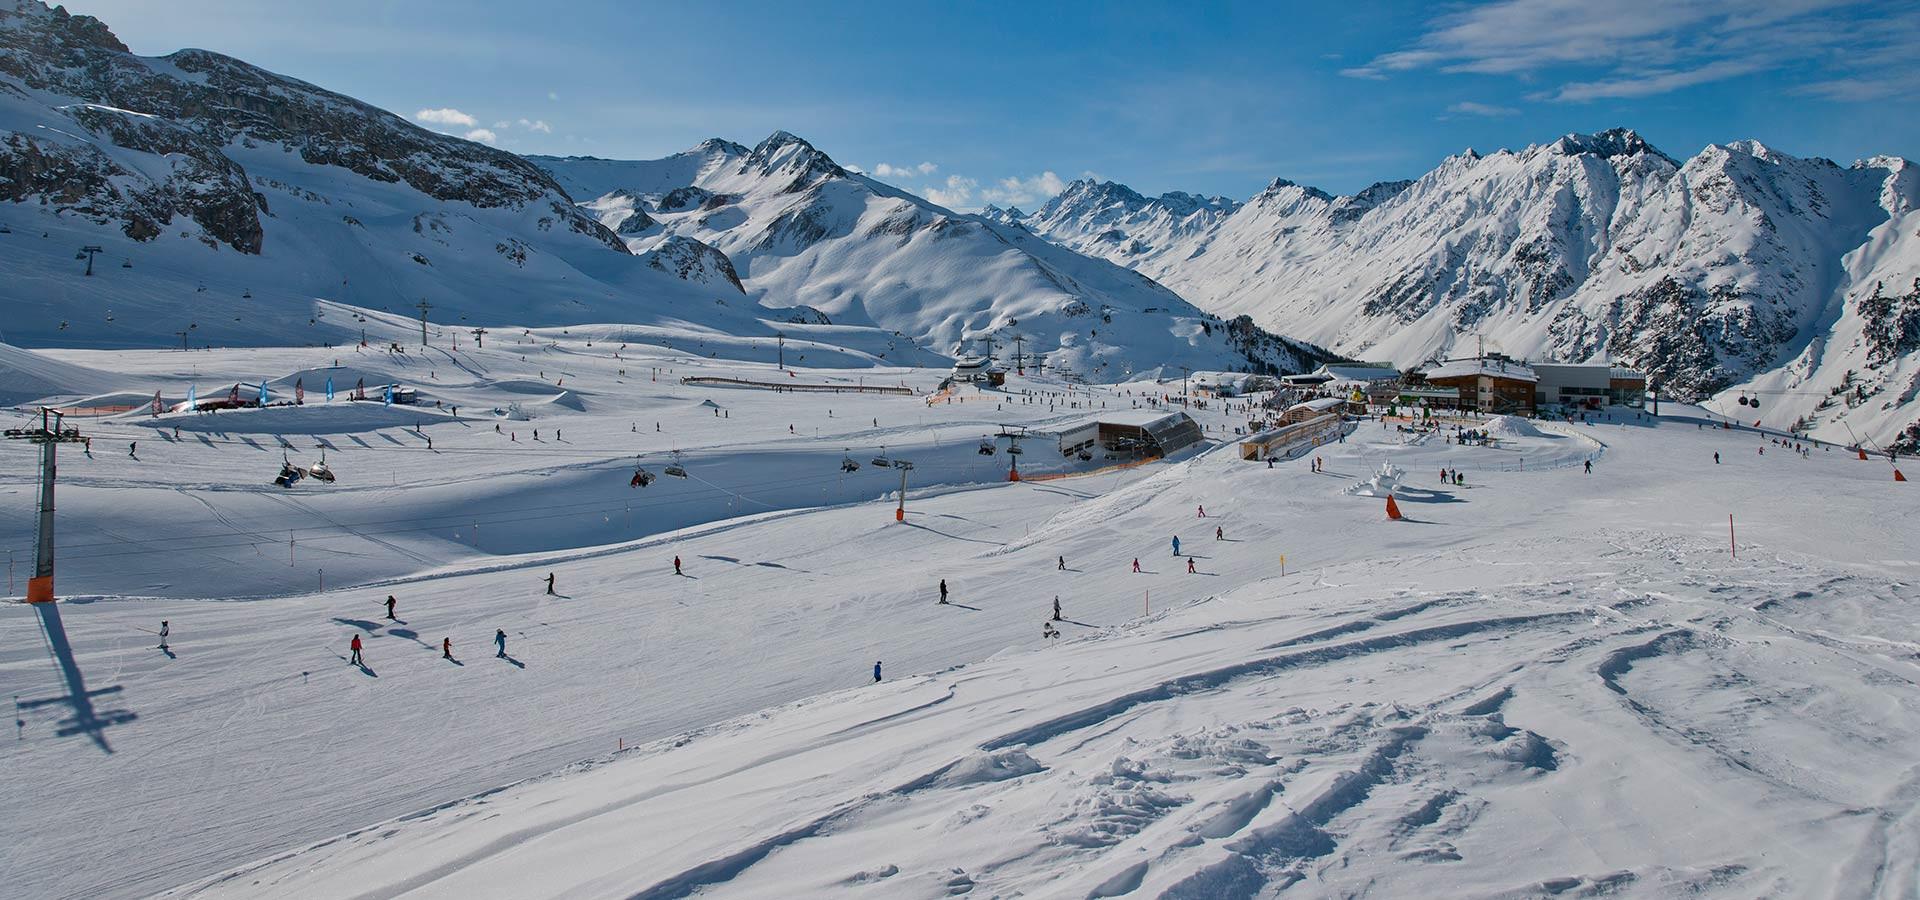 Grenzenloses Skigebiet Das Skigebiet Ischgl mit den vielen Superlativen